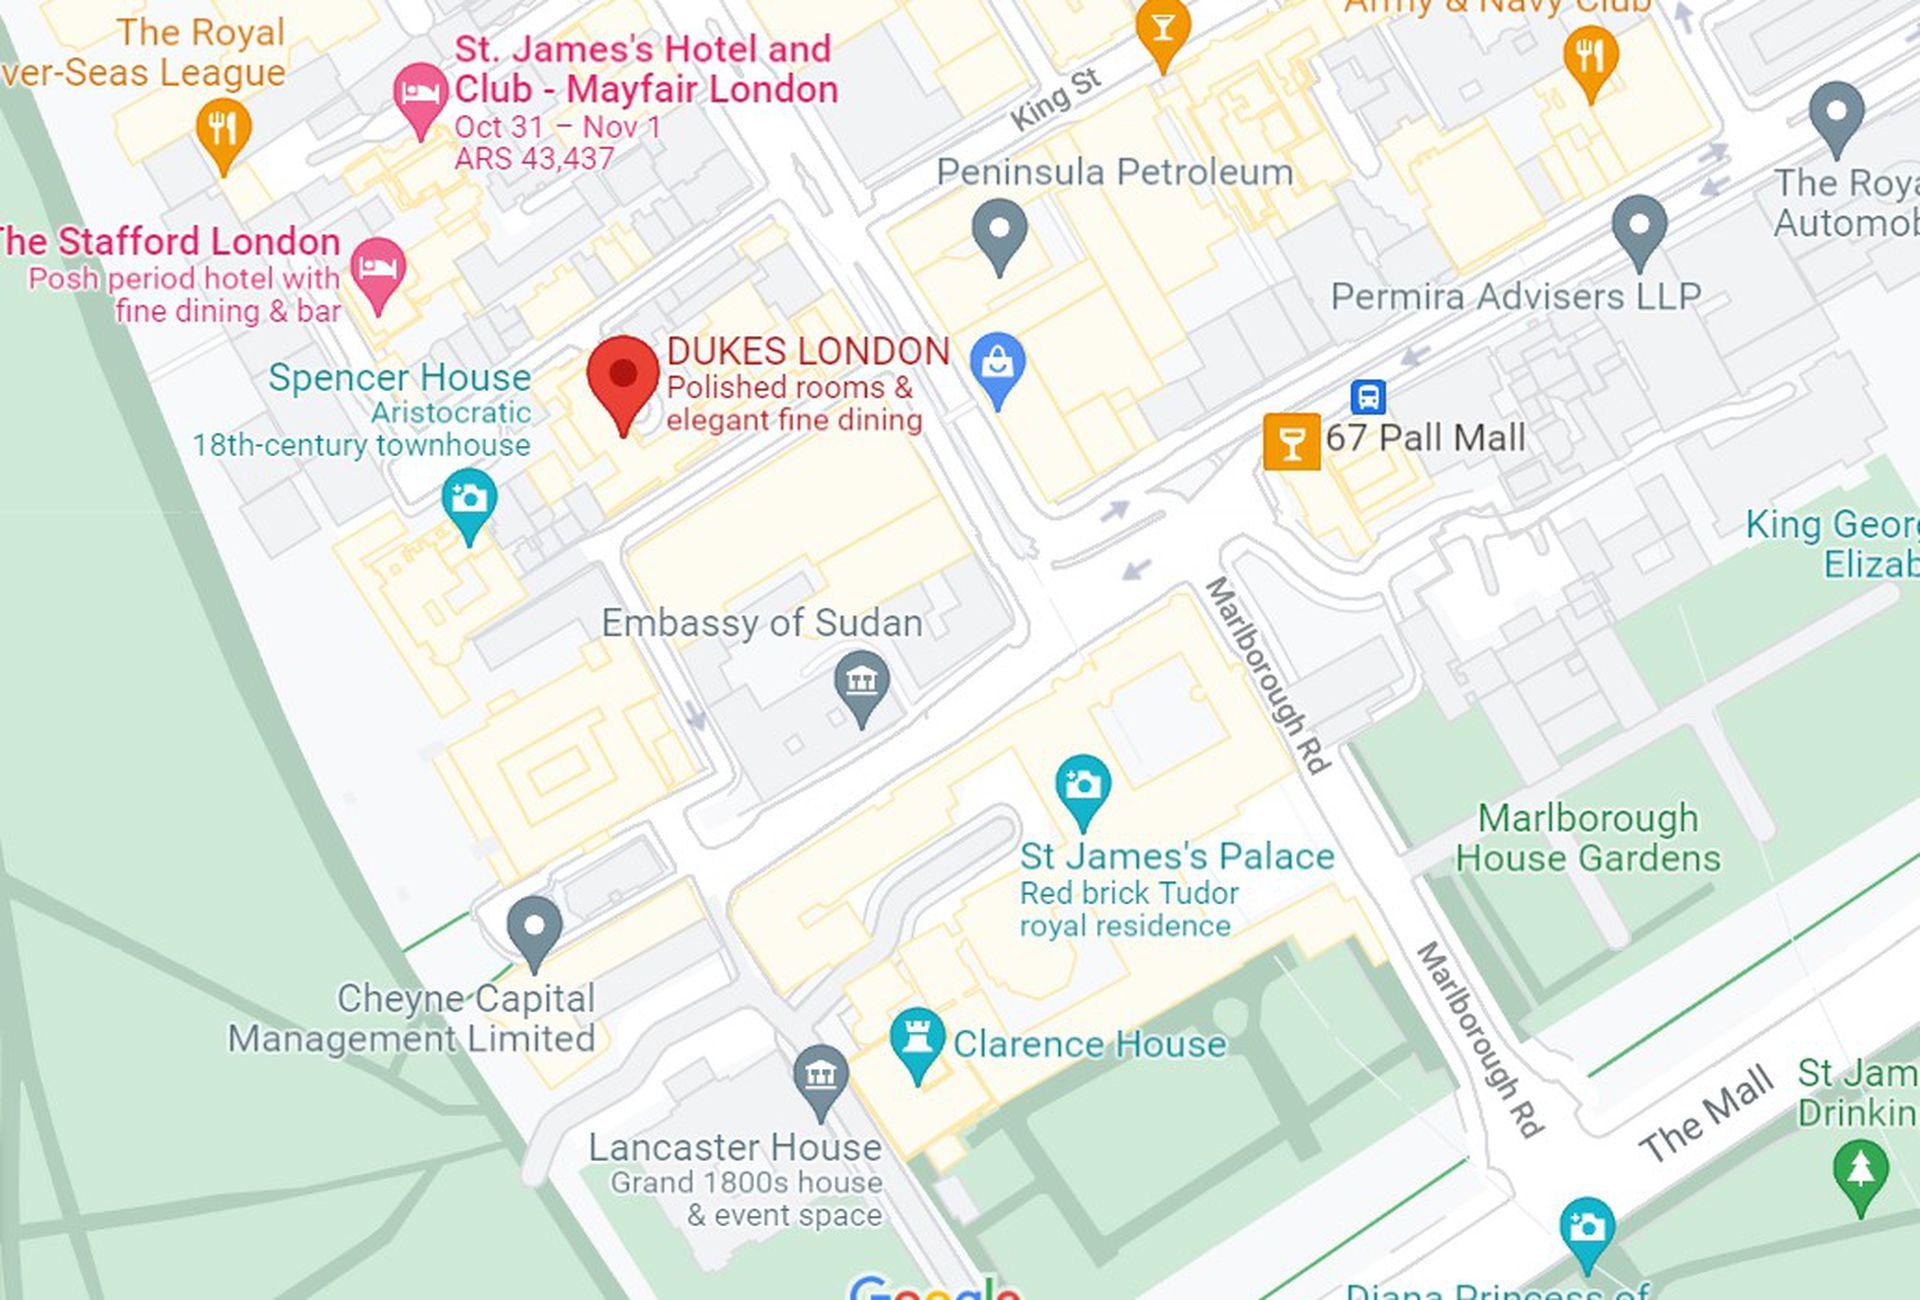 UN recorte del plano de Londres que muestra la distancia que hay entre el Saint James Palace y el Dukes Bar. Si bien Queen Elizabeth no vive allí, Saint James sigue siendo sede formal de la Corte Real. Además, es la residencia en Londres de la princesa Ana.